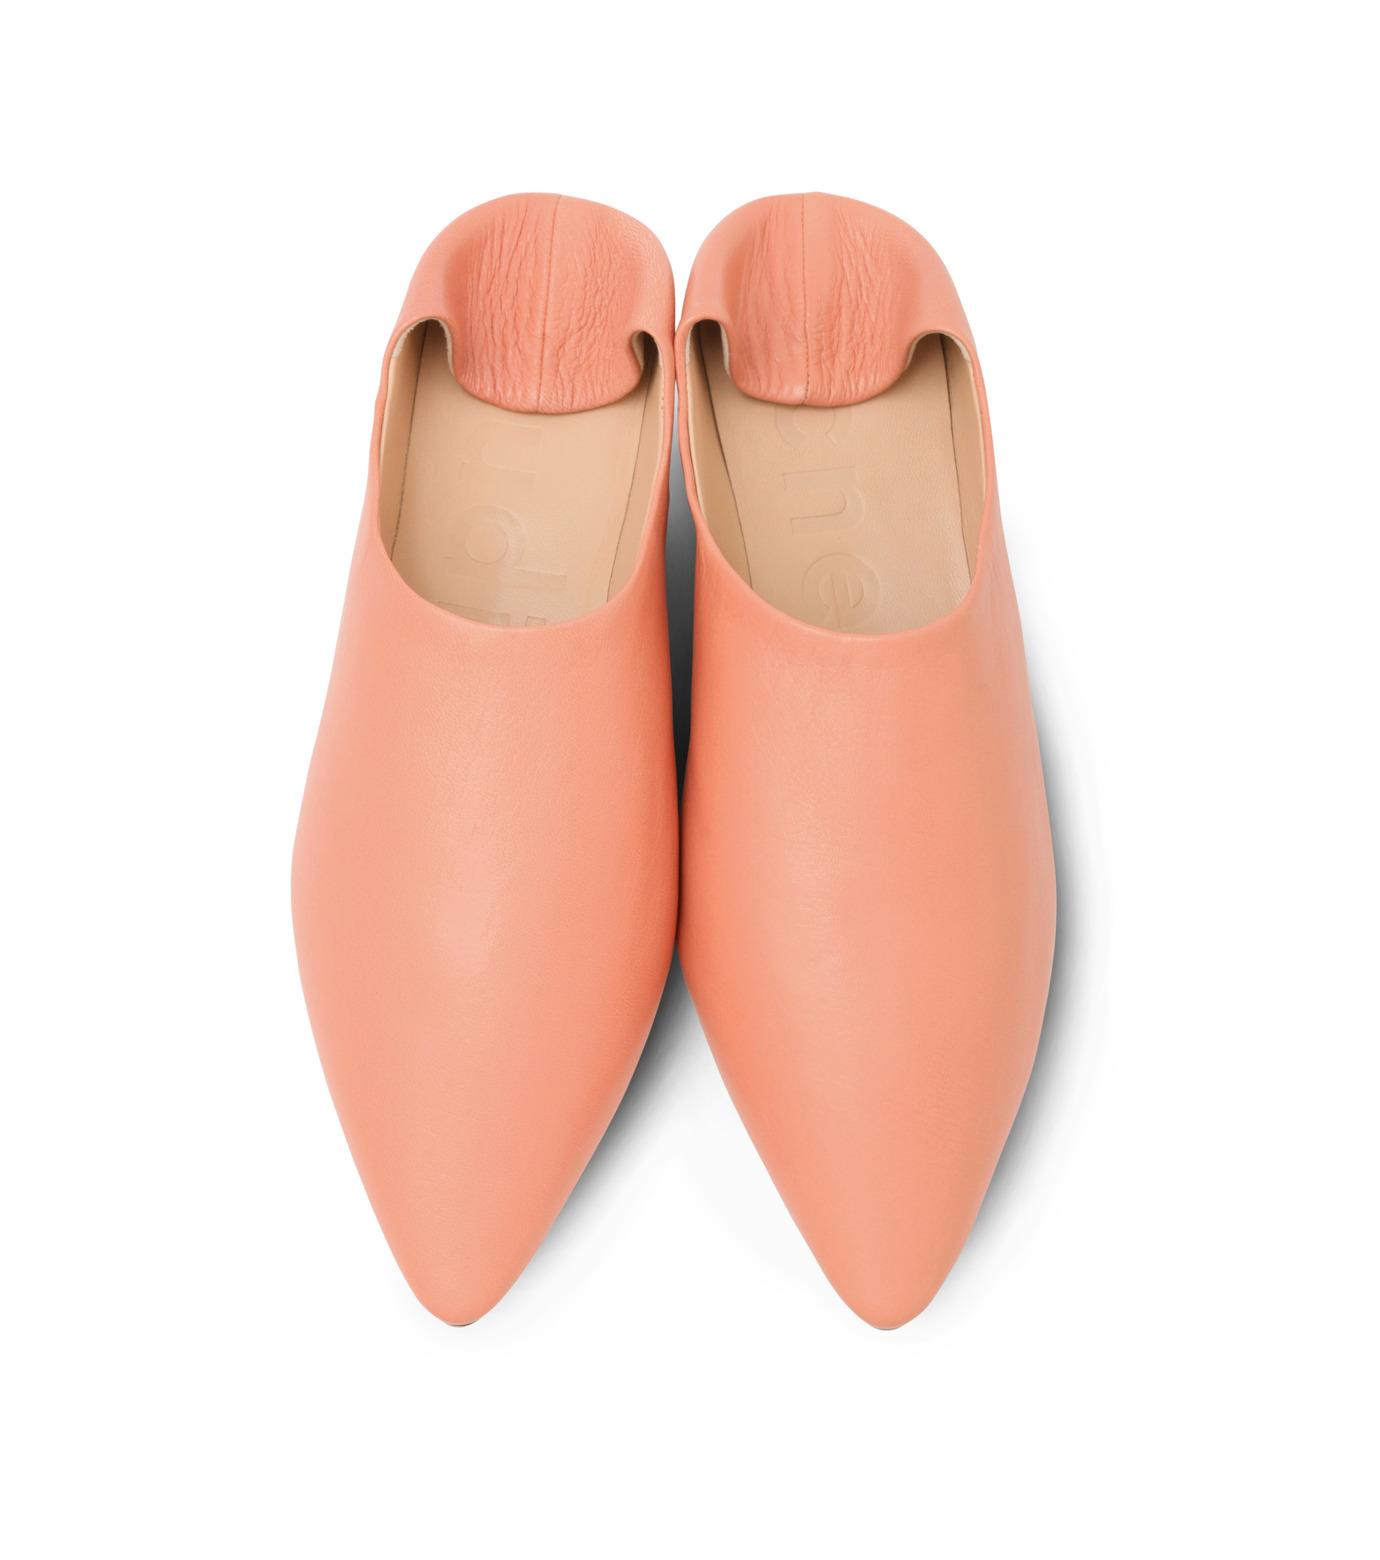 ACNE STUDIOS(アクネ ストゥディオズ)のSlipper Nappa-PINK(フラットシューズ/Flat shoes)-1EGC64-72 拡大詳細画像5